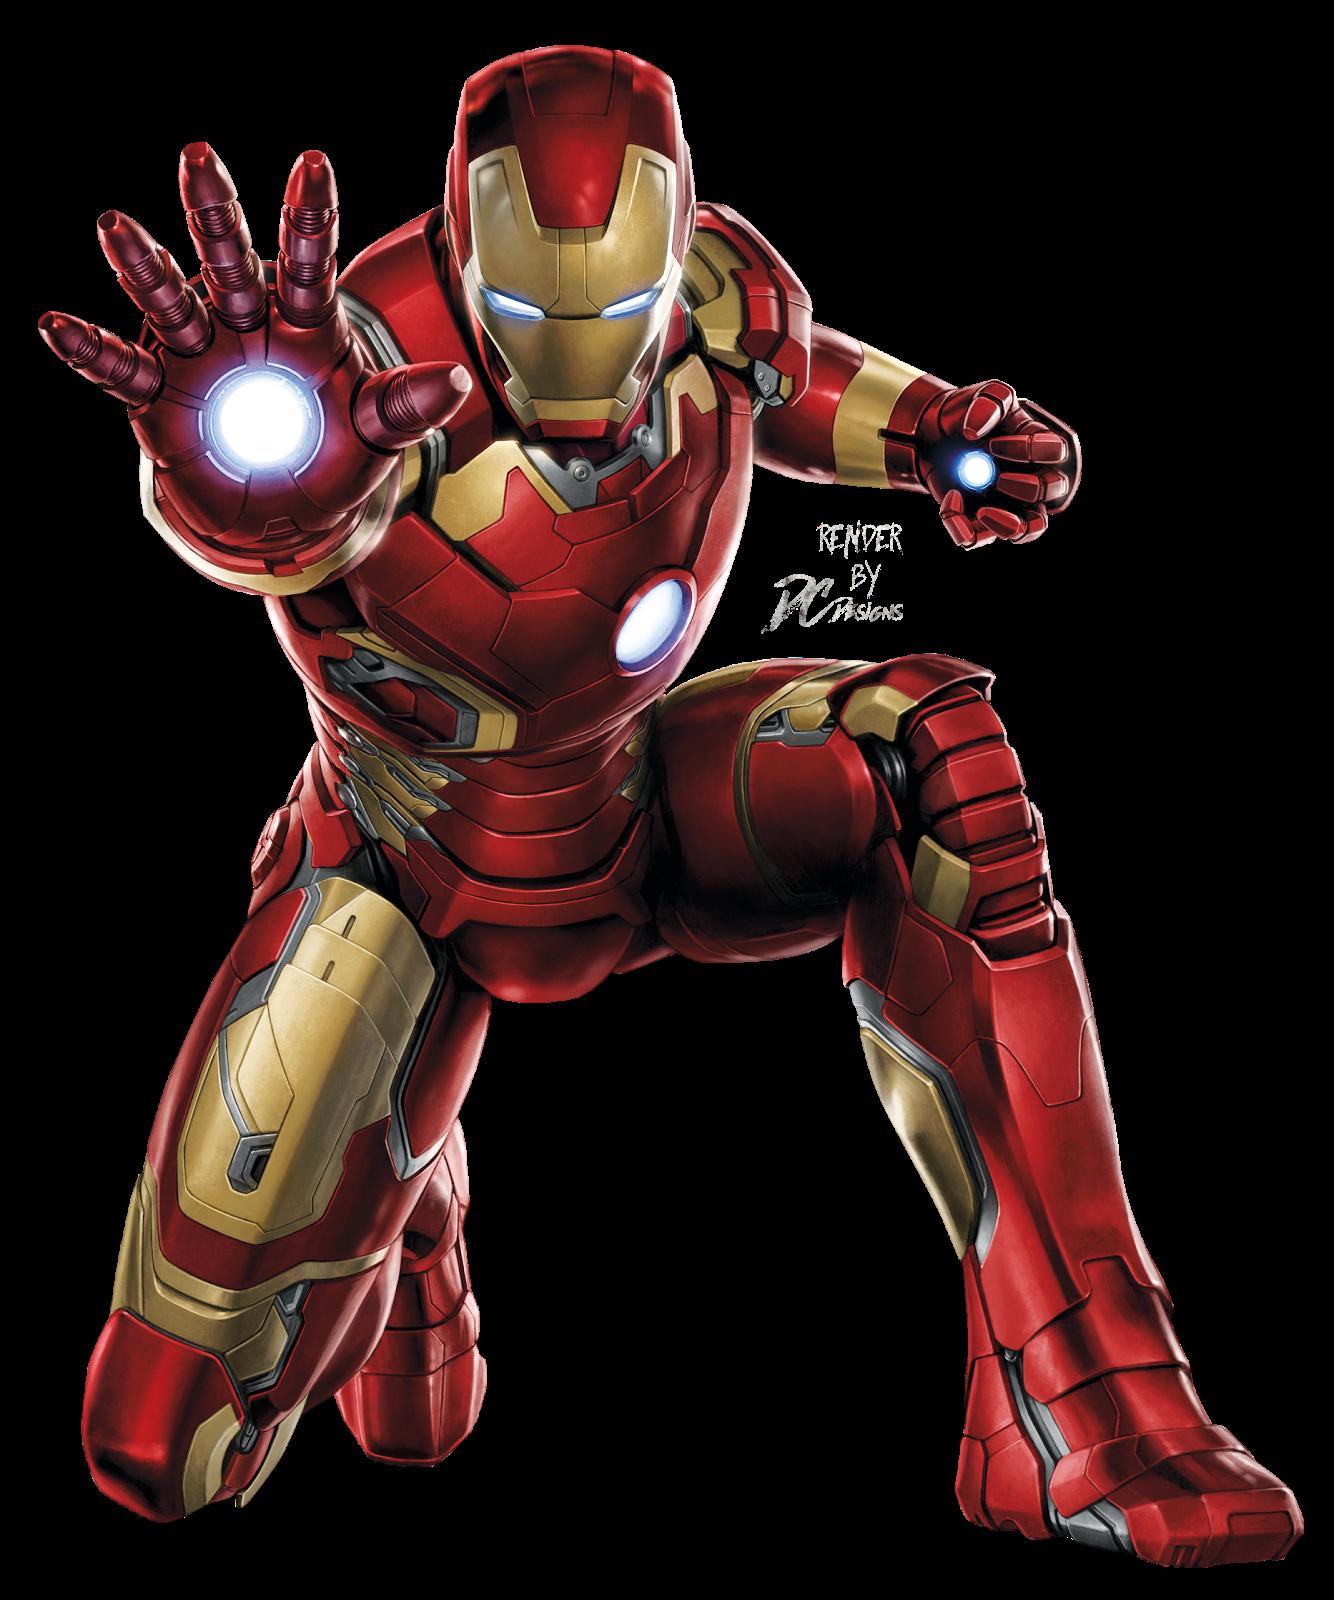 Iron man your pinterest. Ironman clipart avengers